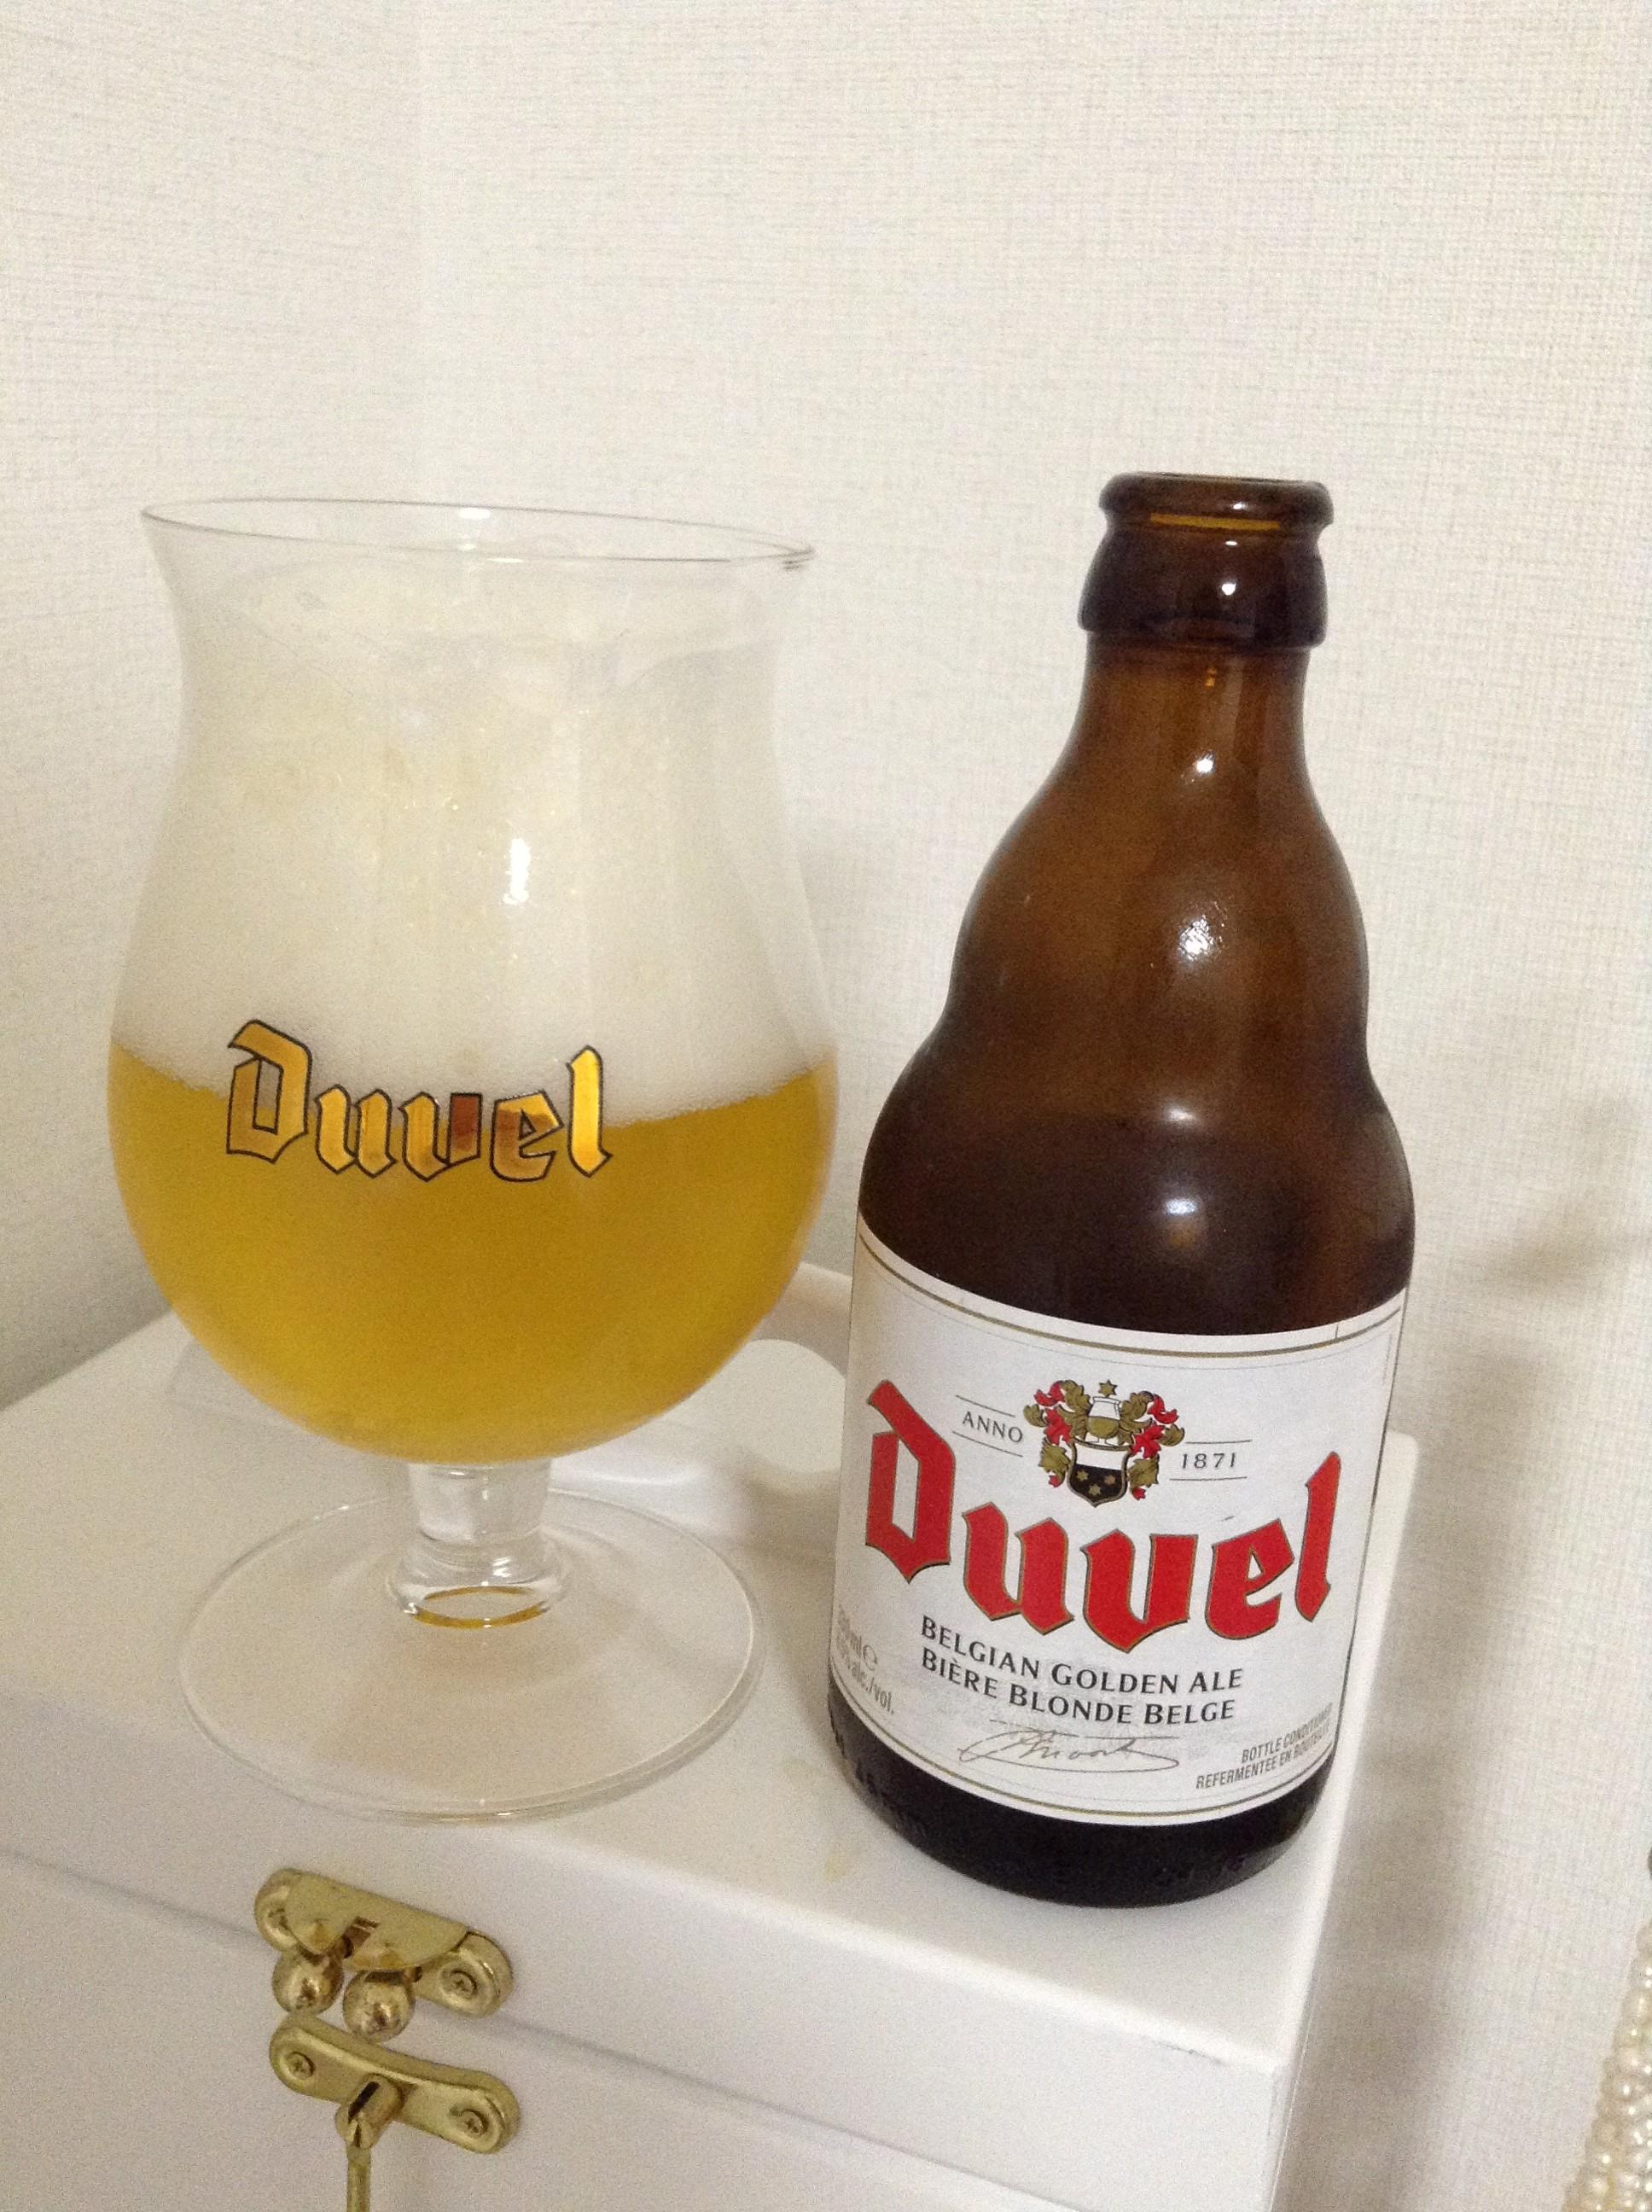 綺麗なグラスに注いだDuvel